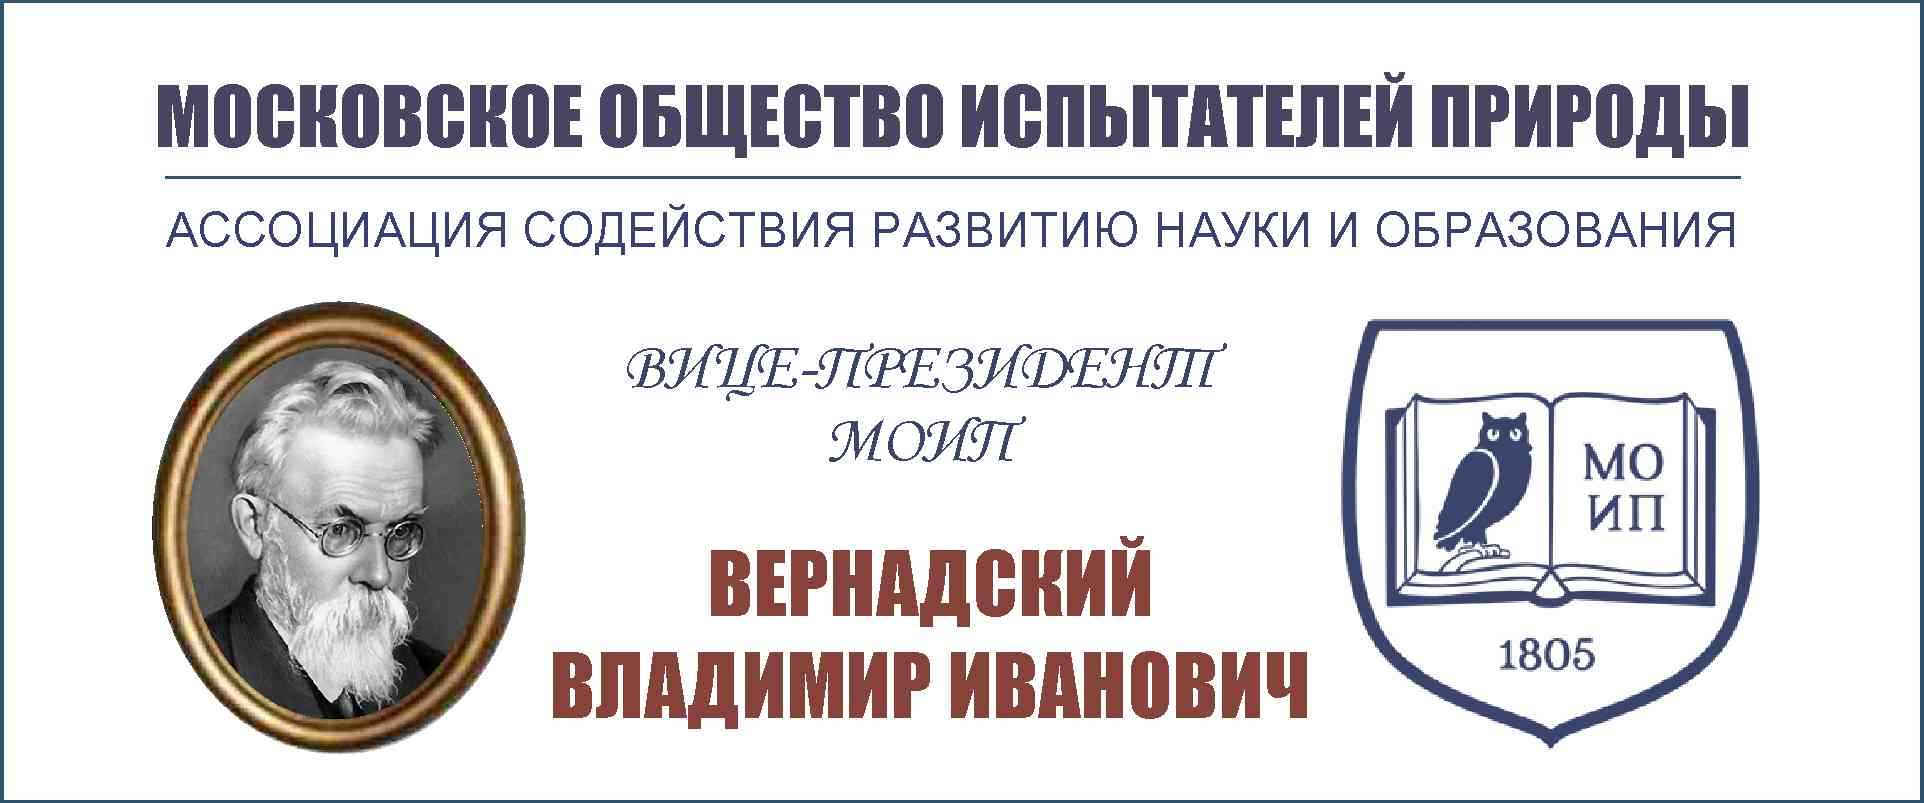 В.И.Вернадский – вице-президент МОИП